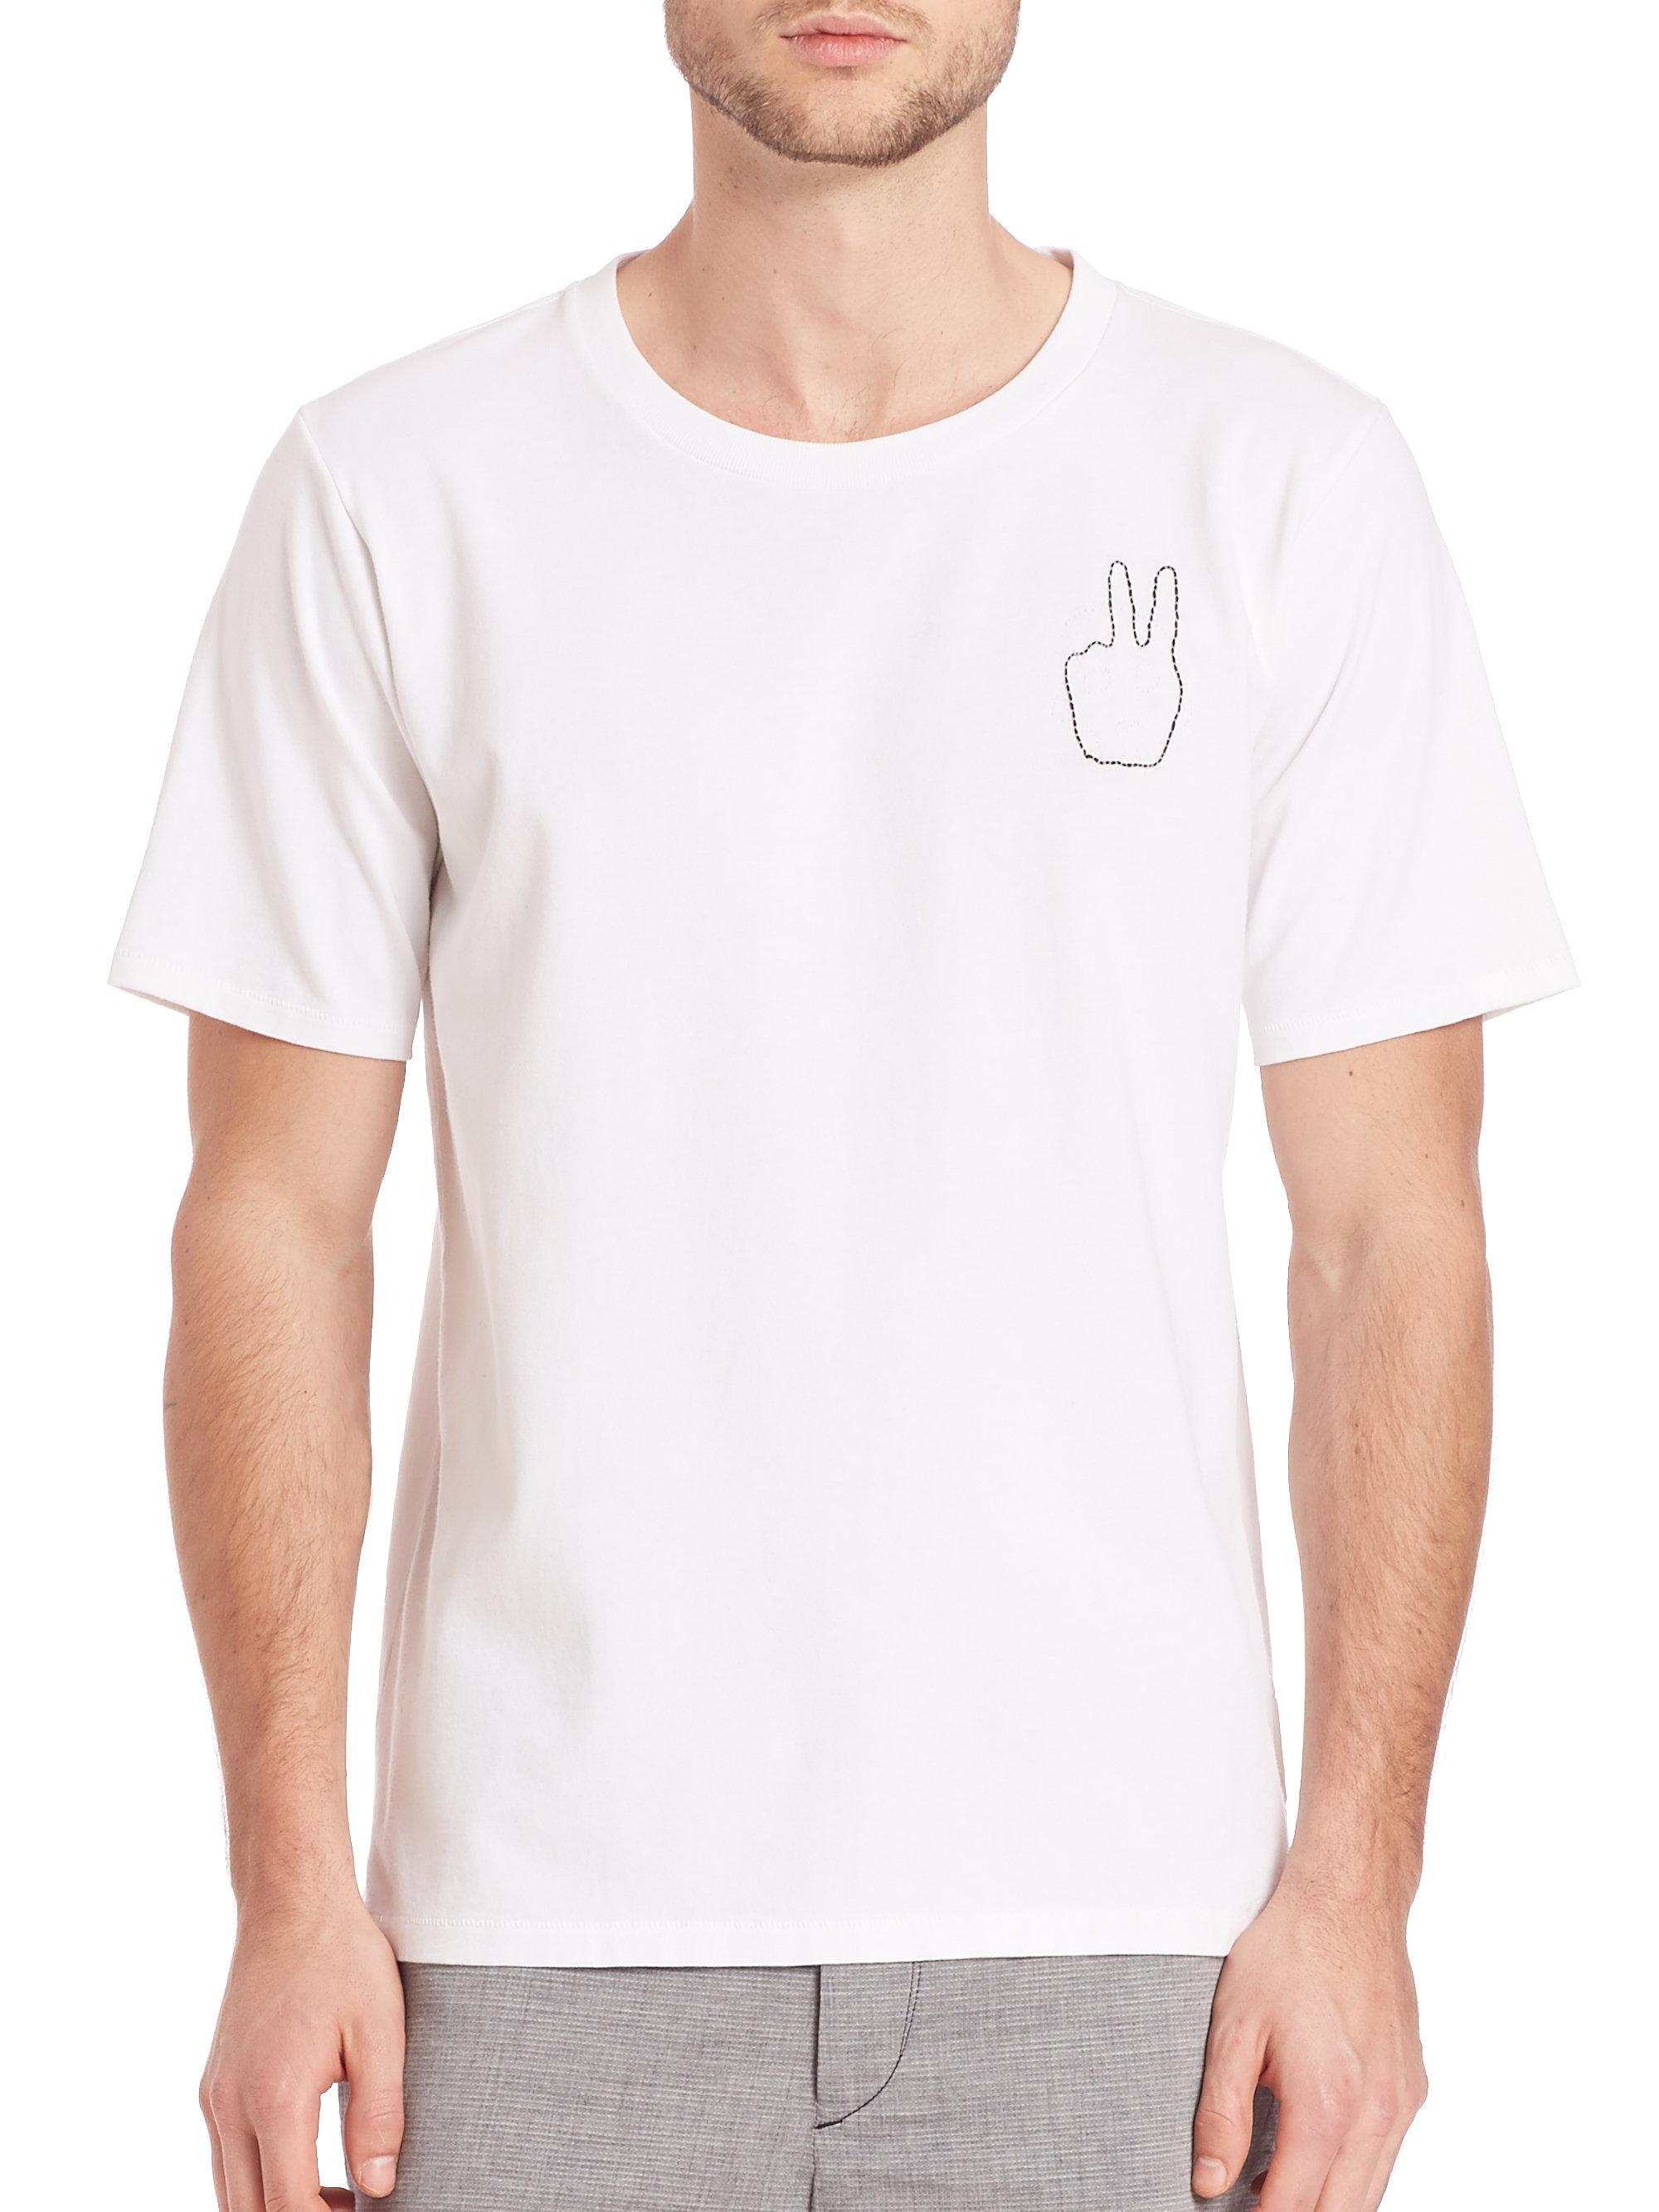 Lyst rag bone peace sign t shirt in white for men for Rag bone shirt